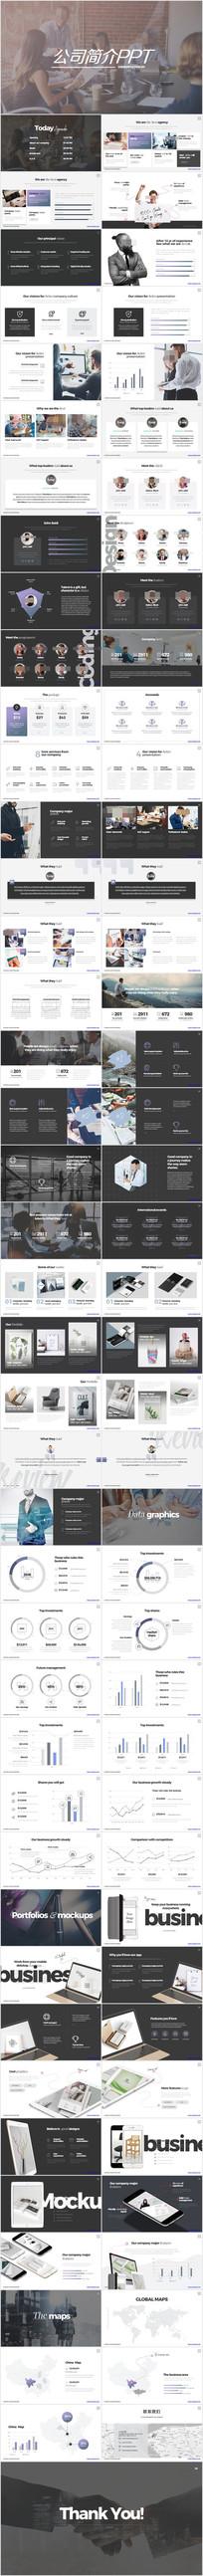 创意设计企业宣传商务ppt